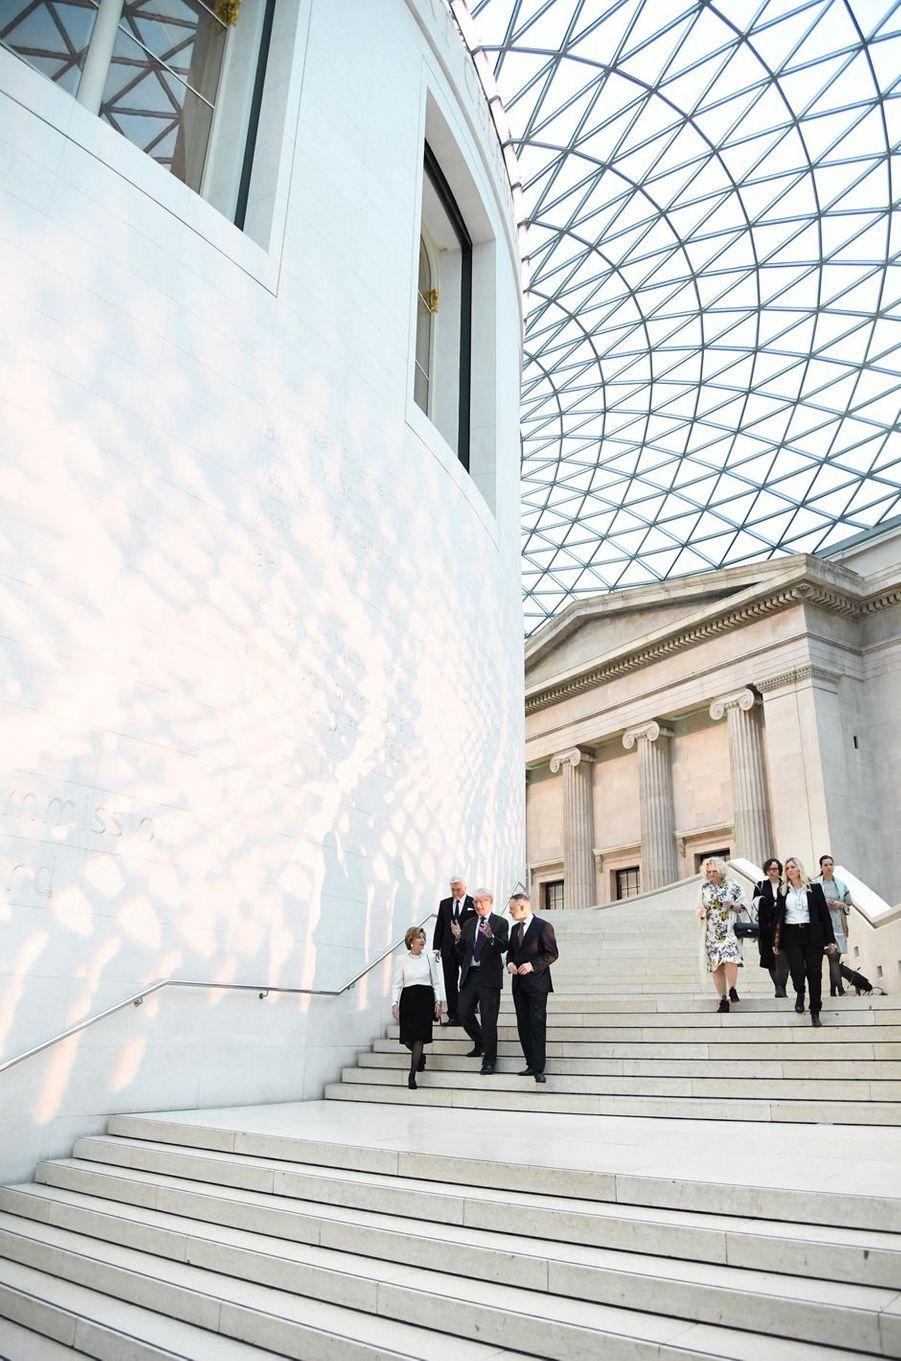 La reine Sonja de Norvège au British Museum à Londres, le 9 avril 2019